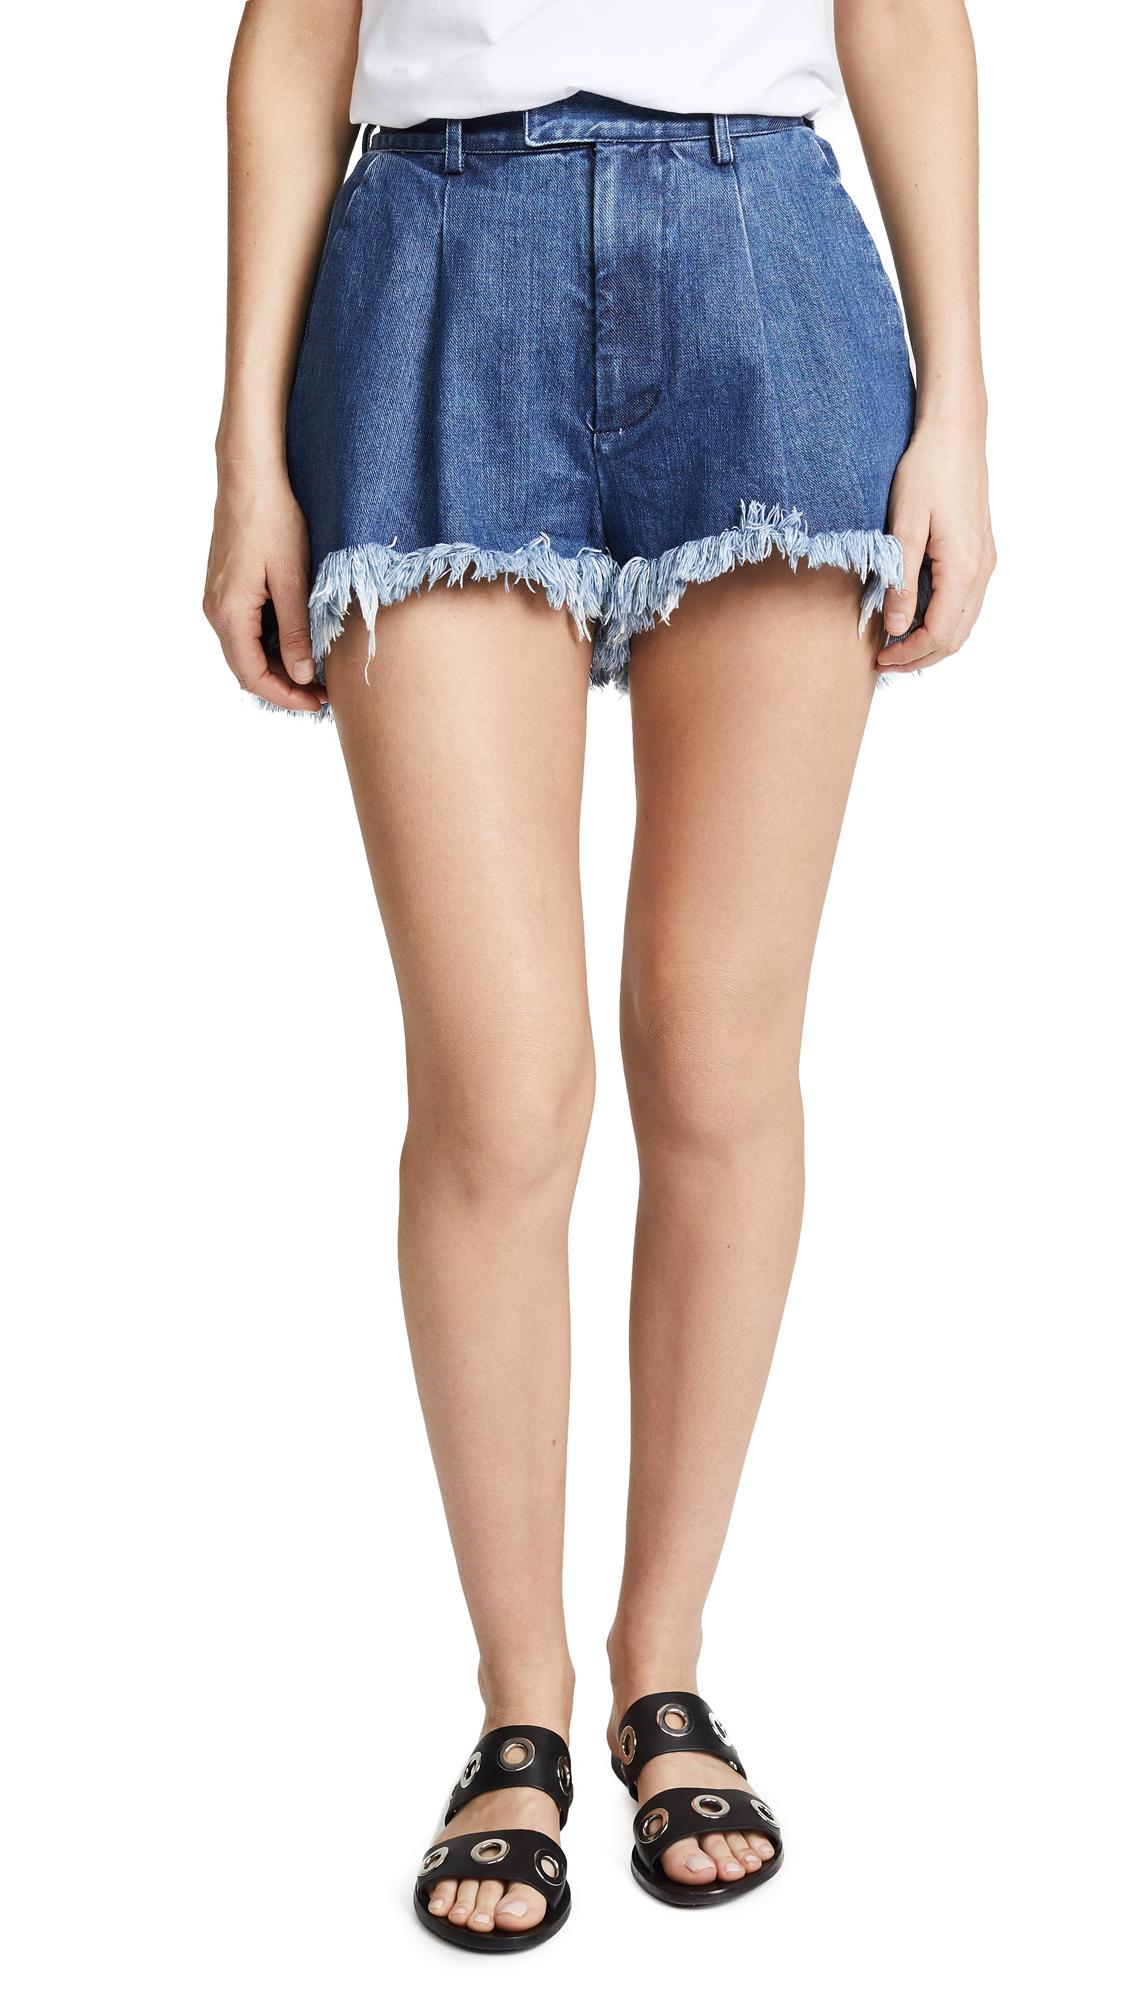 Ksenia Schnaider Fringe Short Shorts In Medium Blue